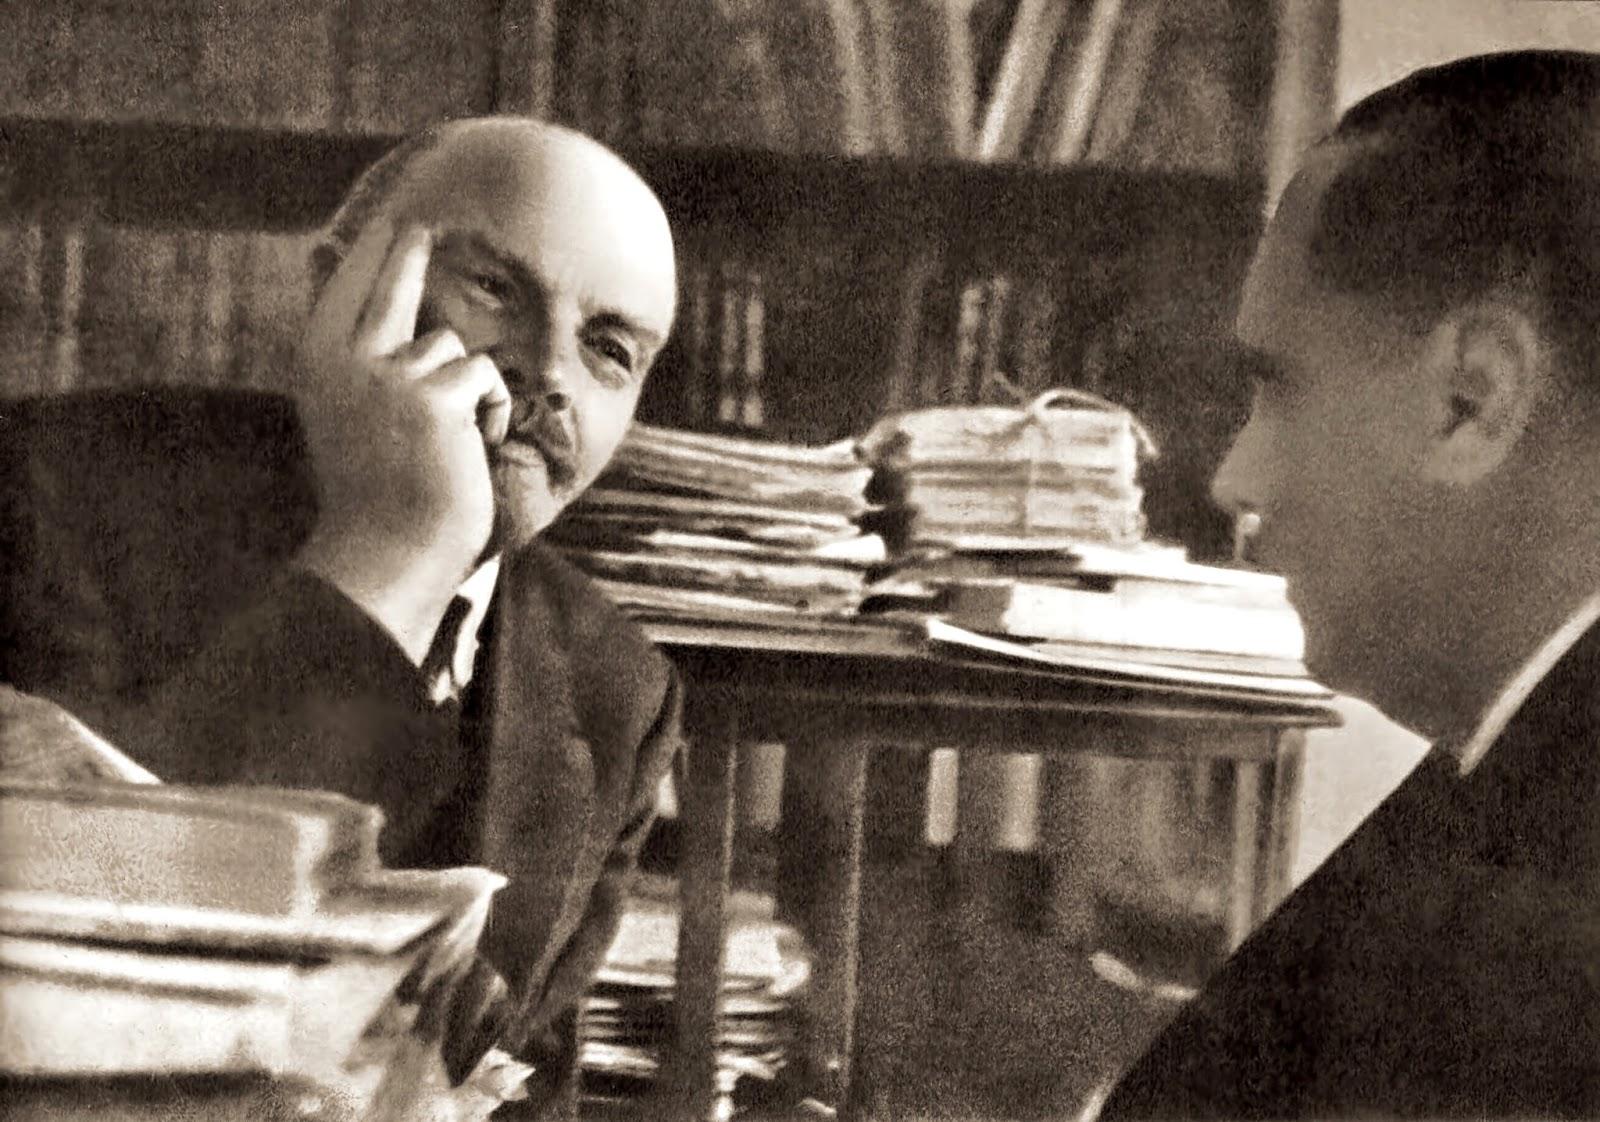 Володя Ленин вешает лапшу на уши Герберту нашему Уэлсу. 1920 год.